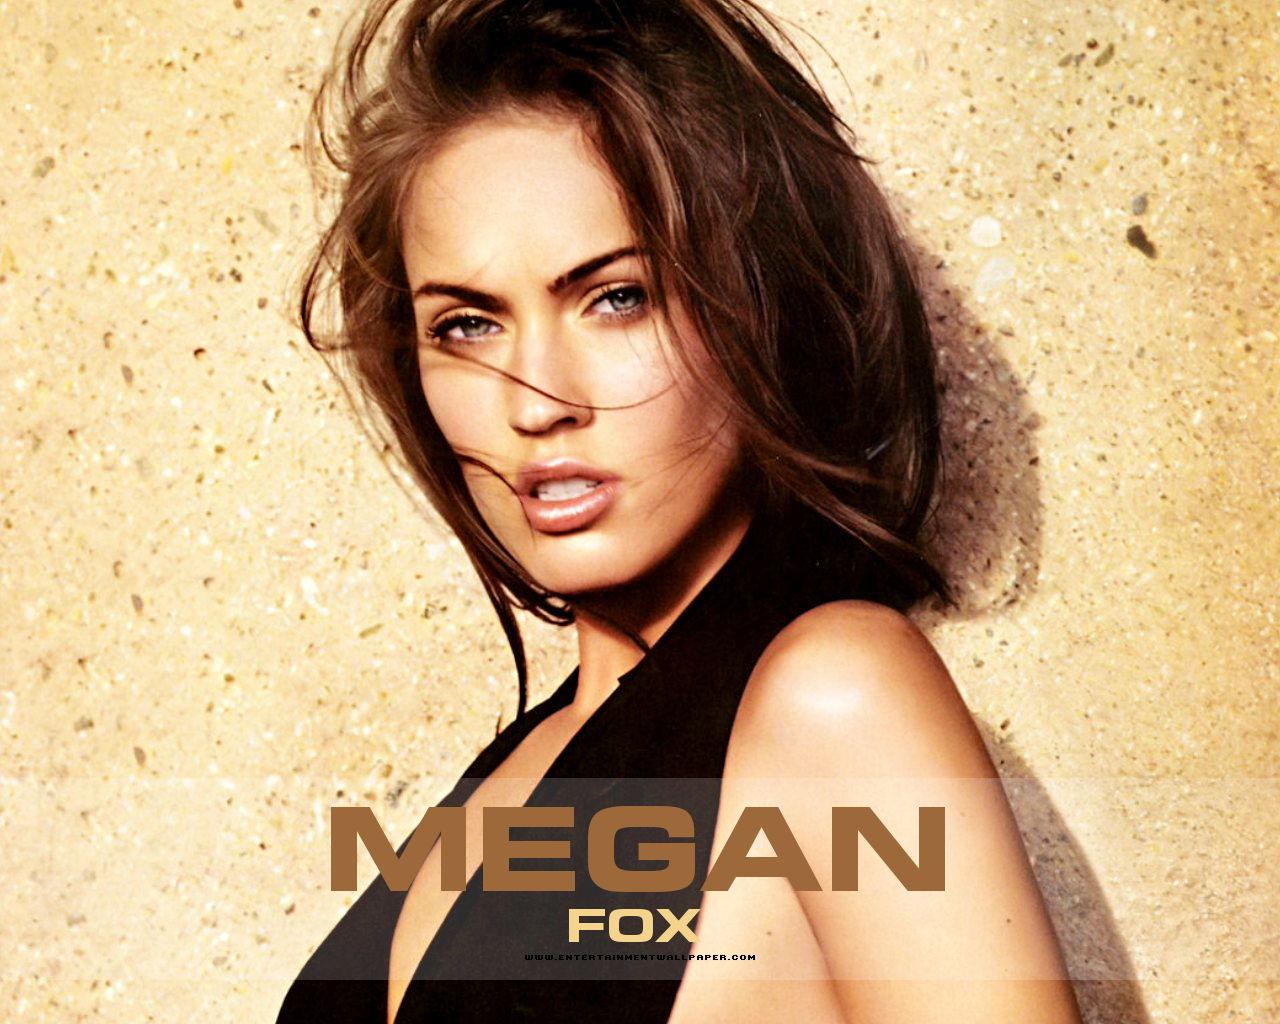 megan fox wallpaper 60014715 size 1280x1024 more megan fox wallpaper 1280x1024